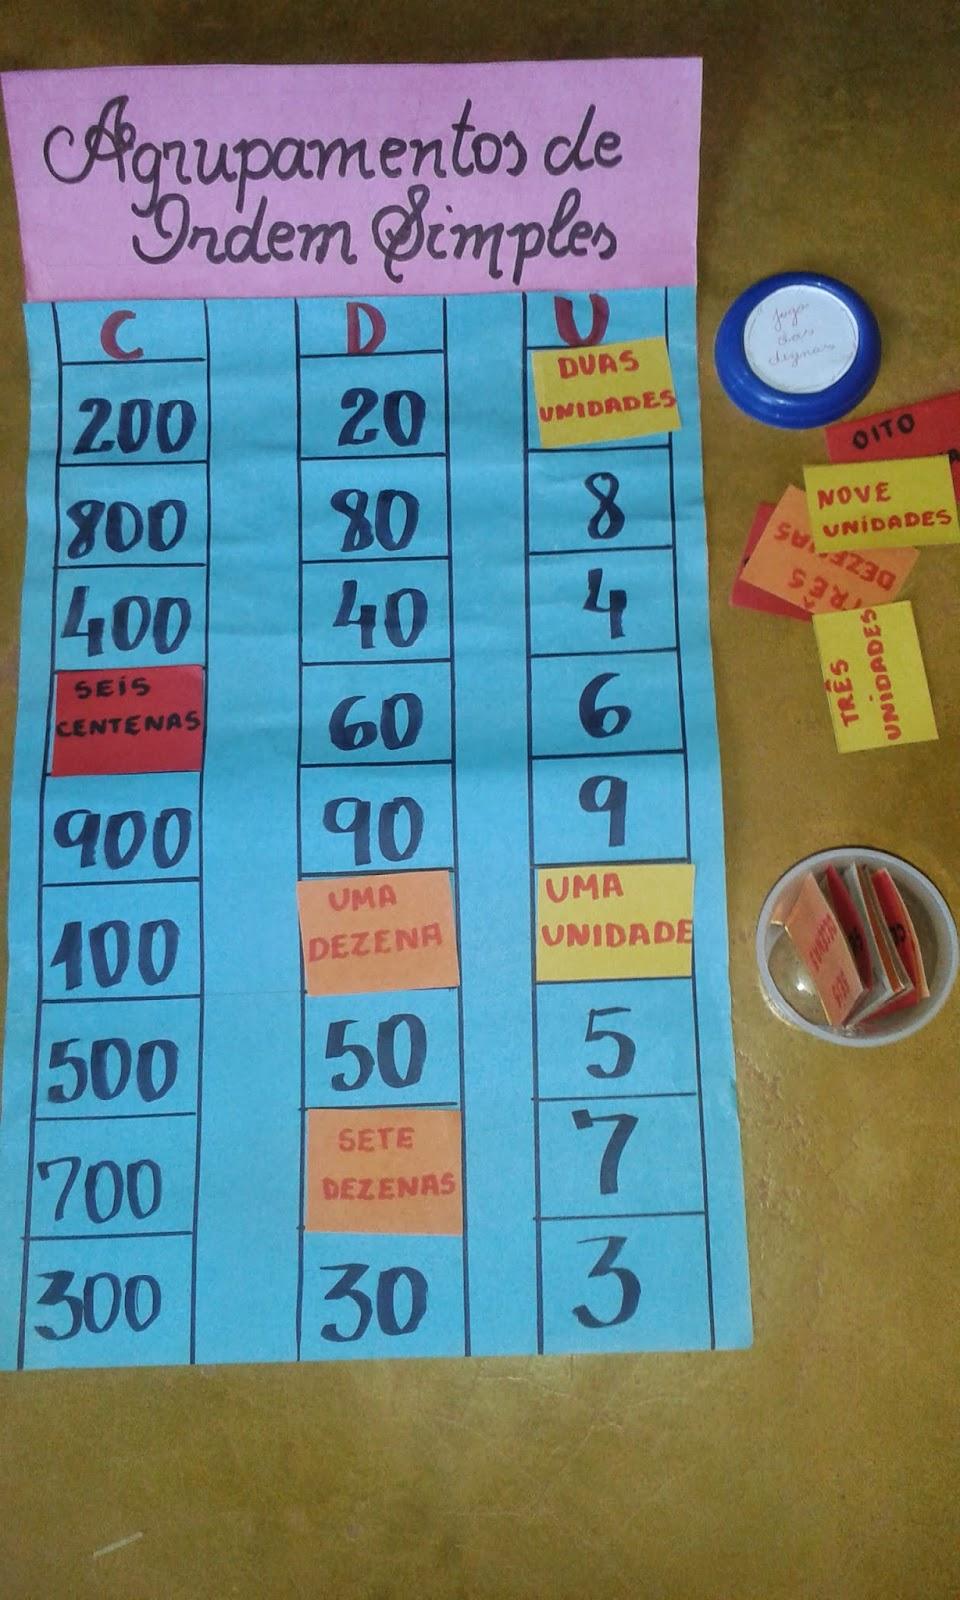 Populares Professora Dinna: Jogos de Alfabetização - Unidades dezenas e centenas QE55